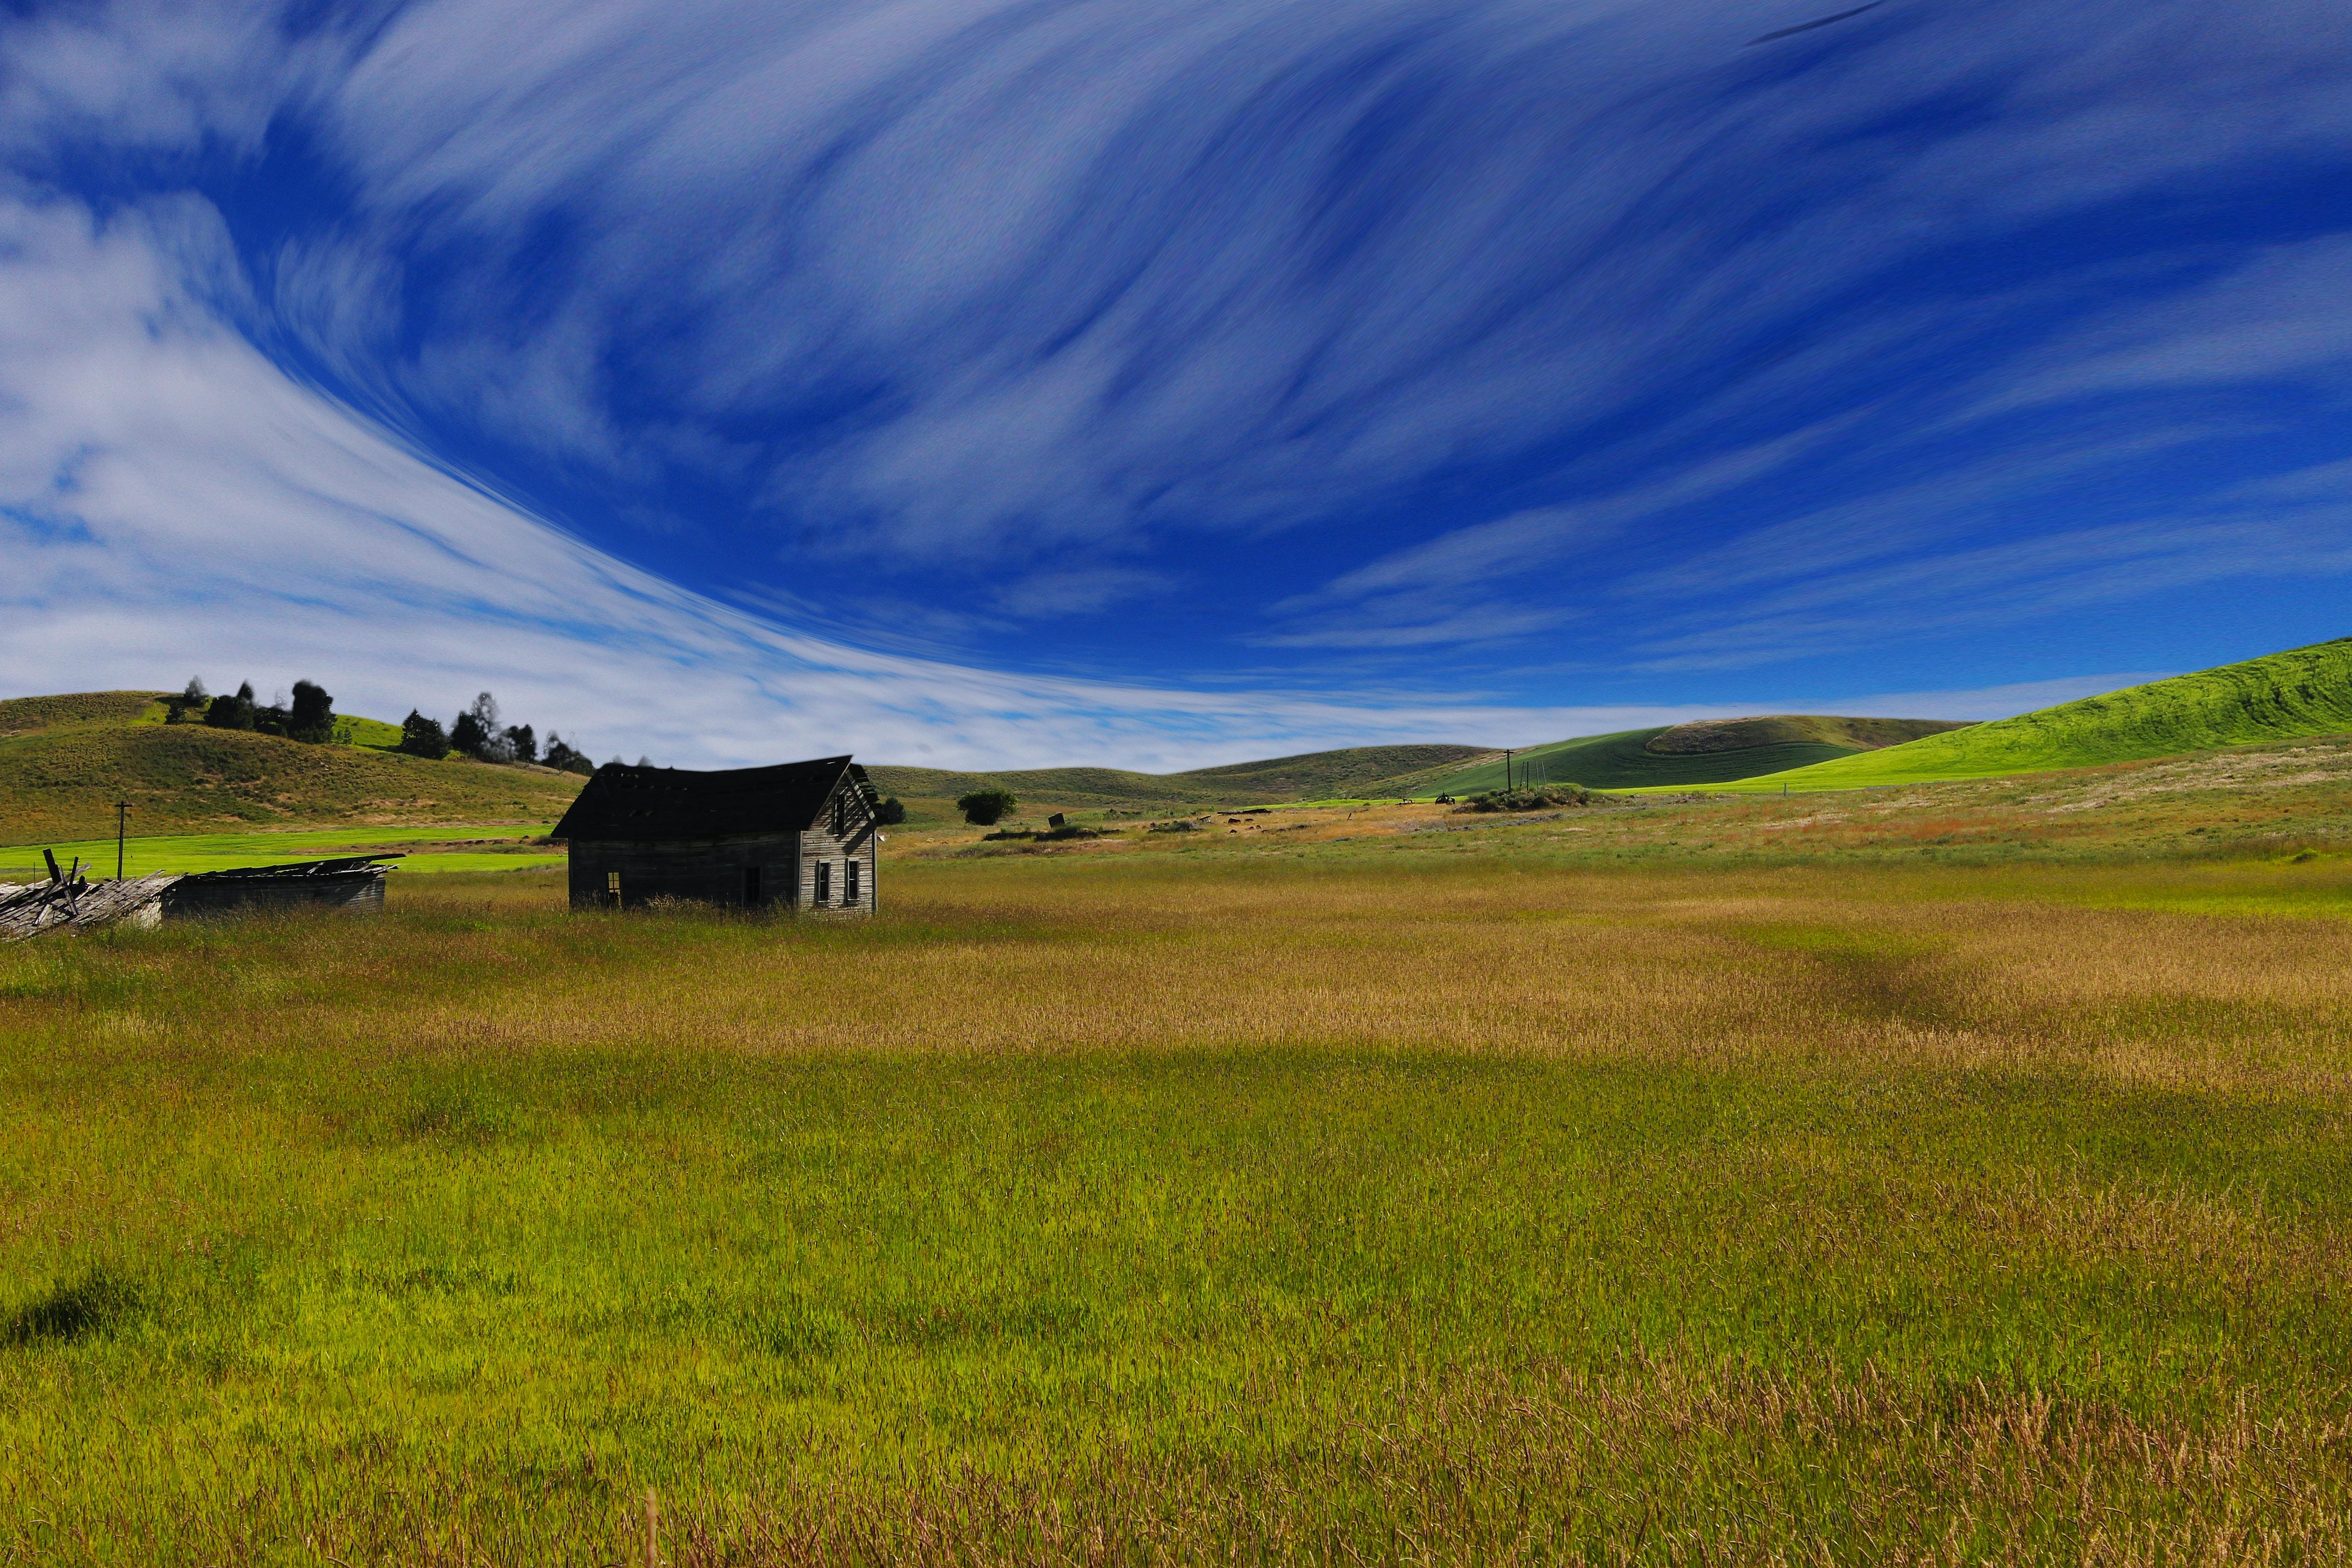 house on green grass field